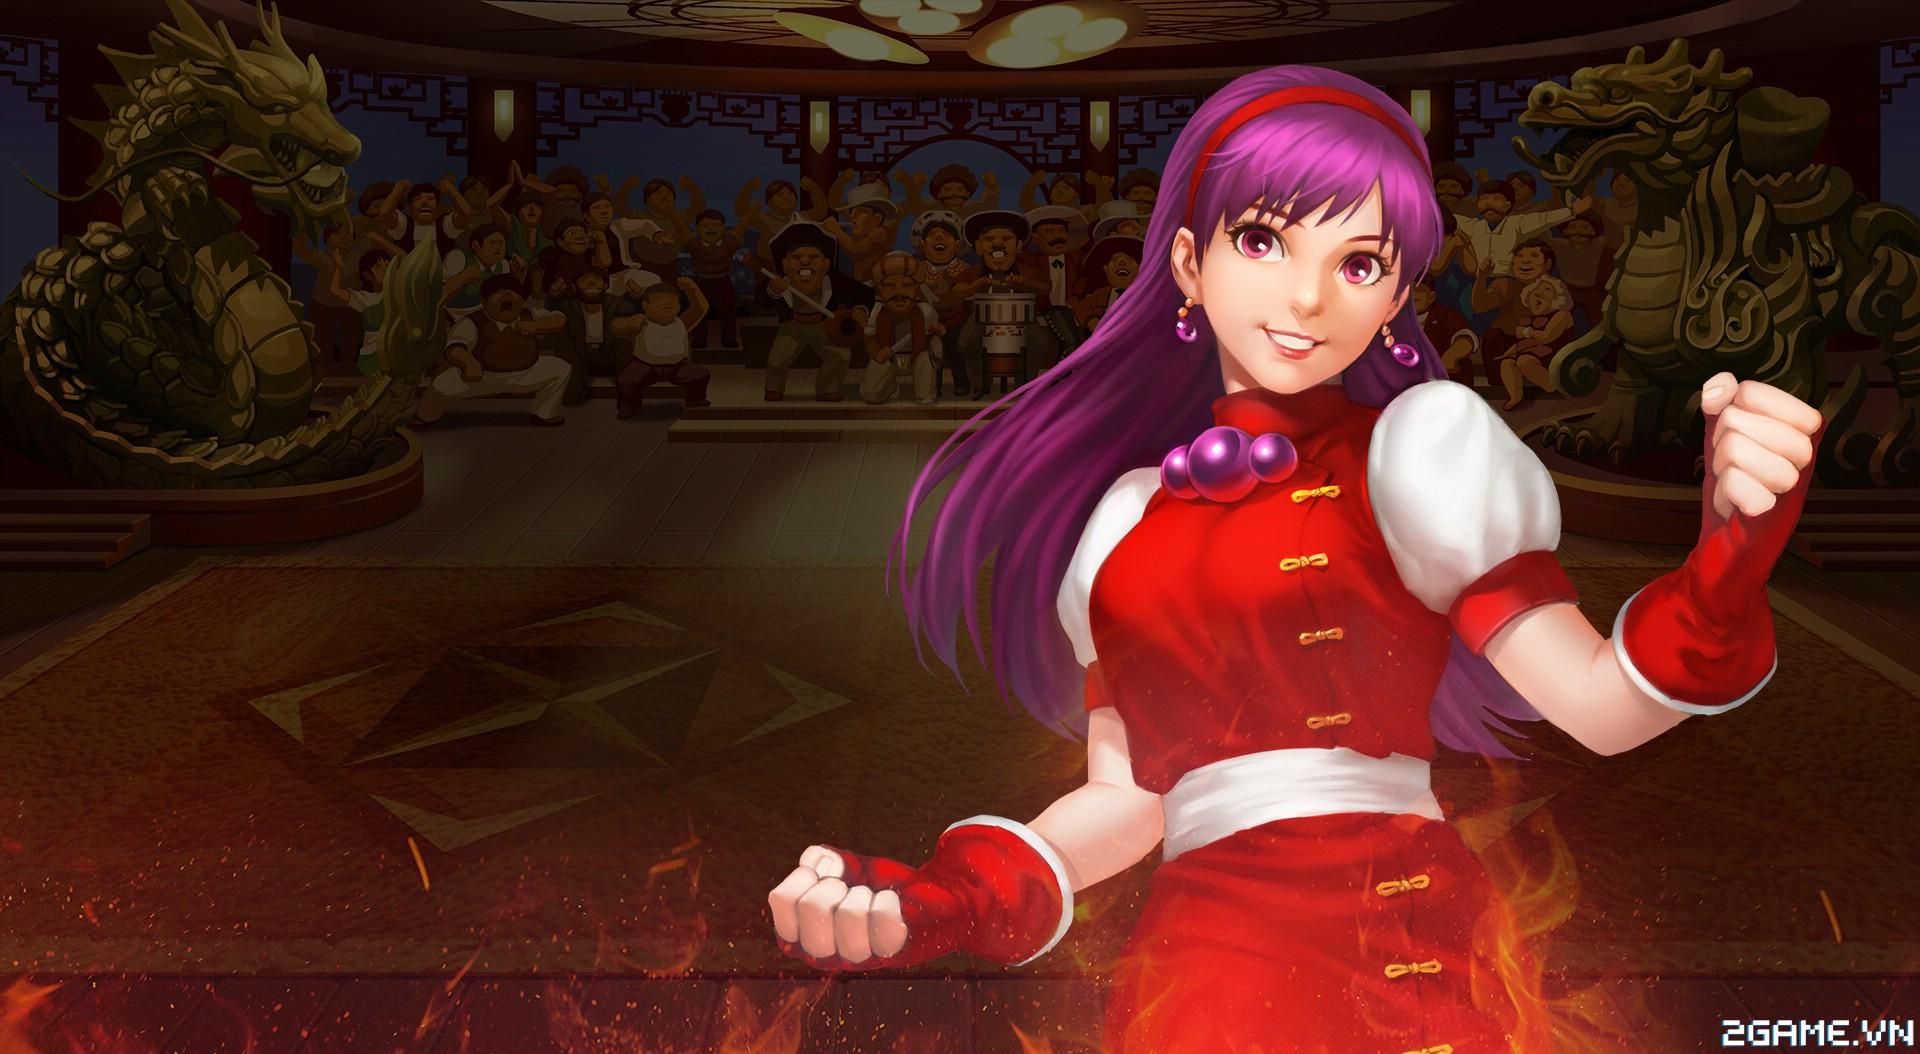 Quyền Vương 98 - Tìm hiểu tướng Athena Asamiya 0